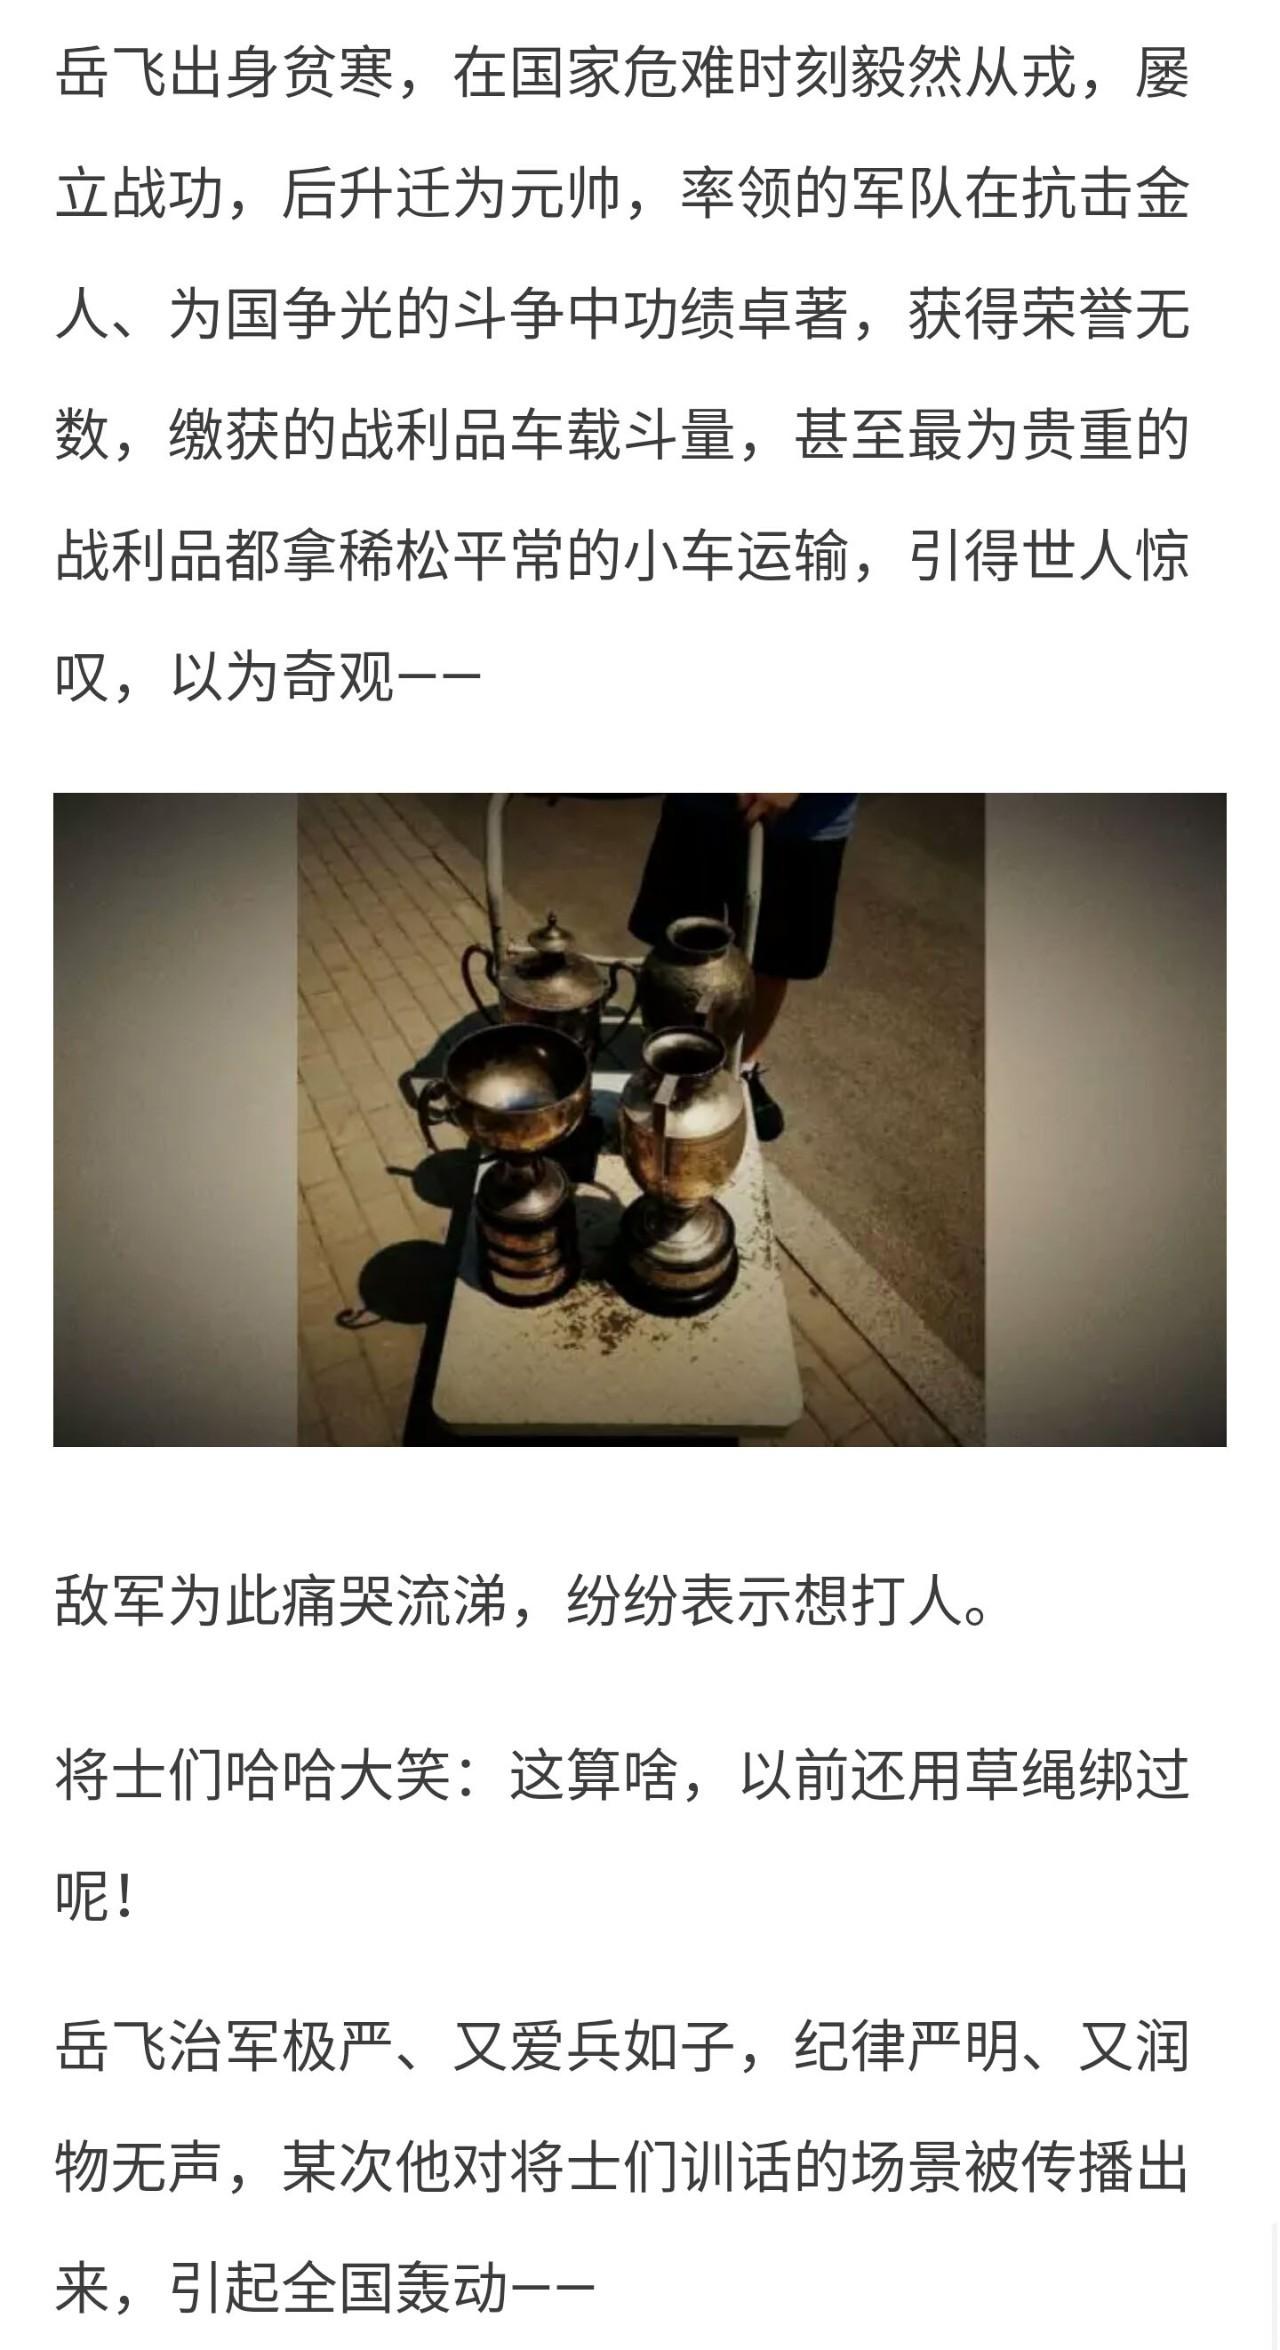 师伟:岳飞故事新编